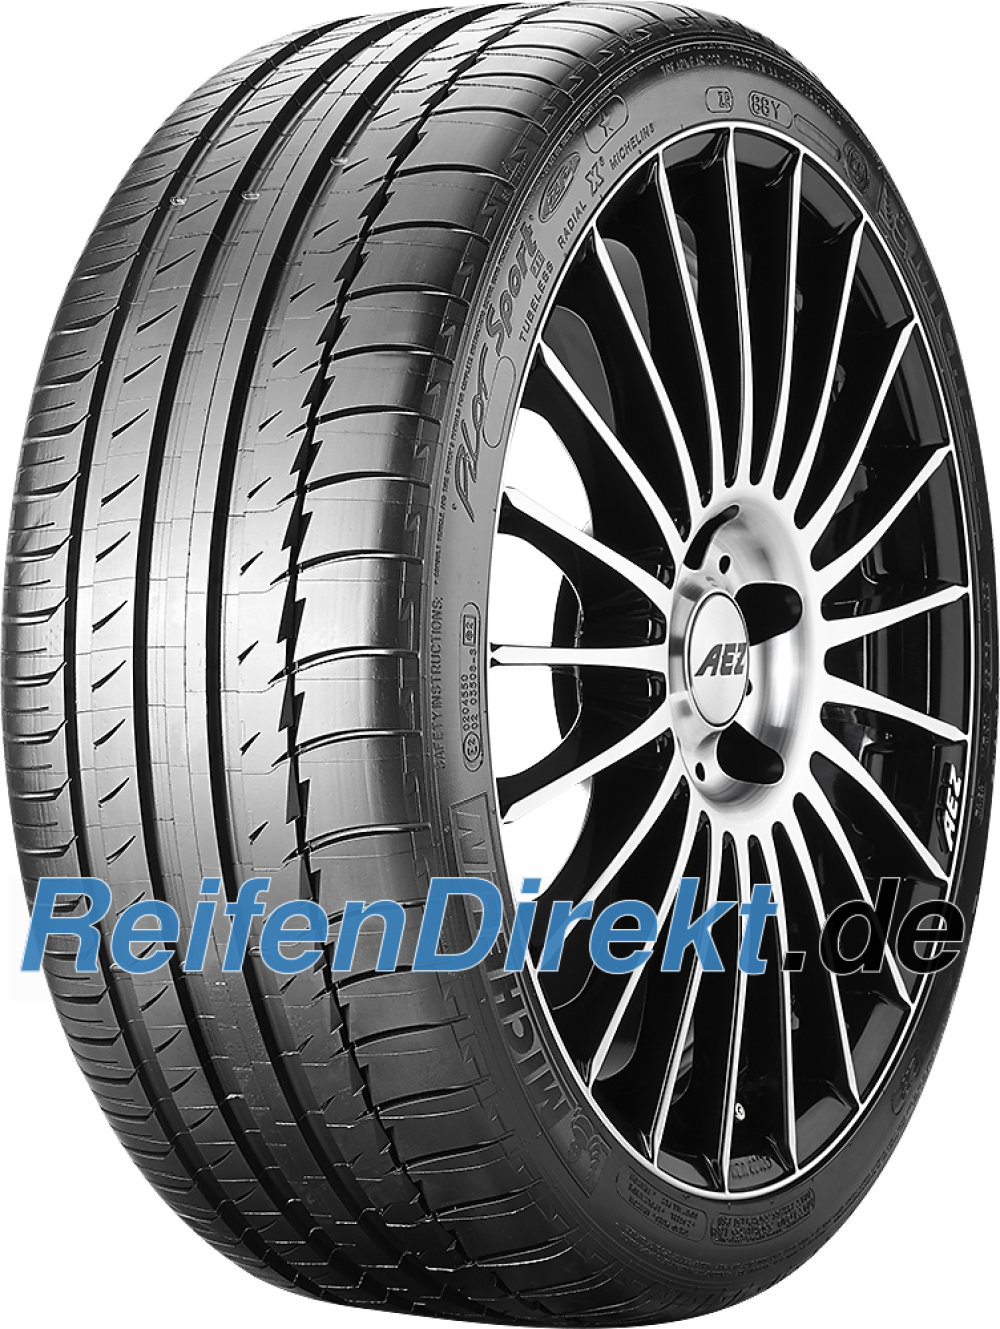 Michelin Pilot Sport PS2 ZP ( 275/35 ZR18 95Y runflat, mit Felgenschutzleiste (FSL) )